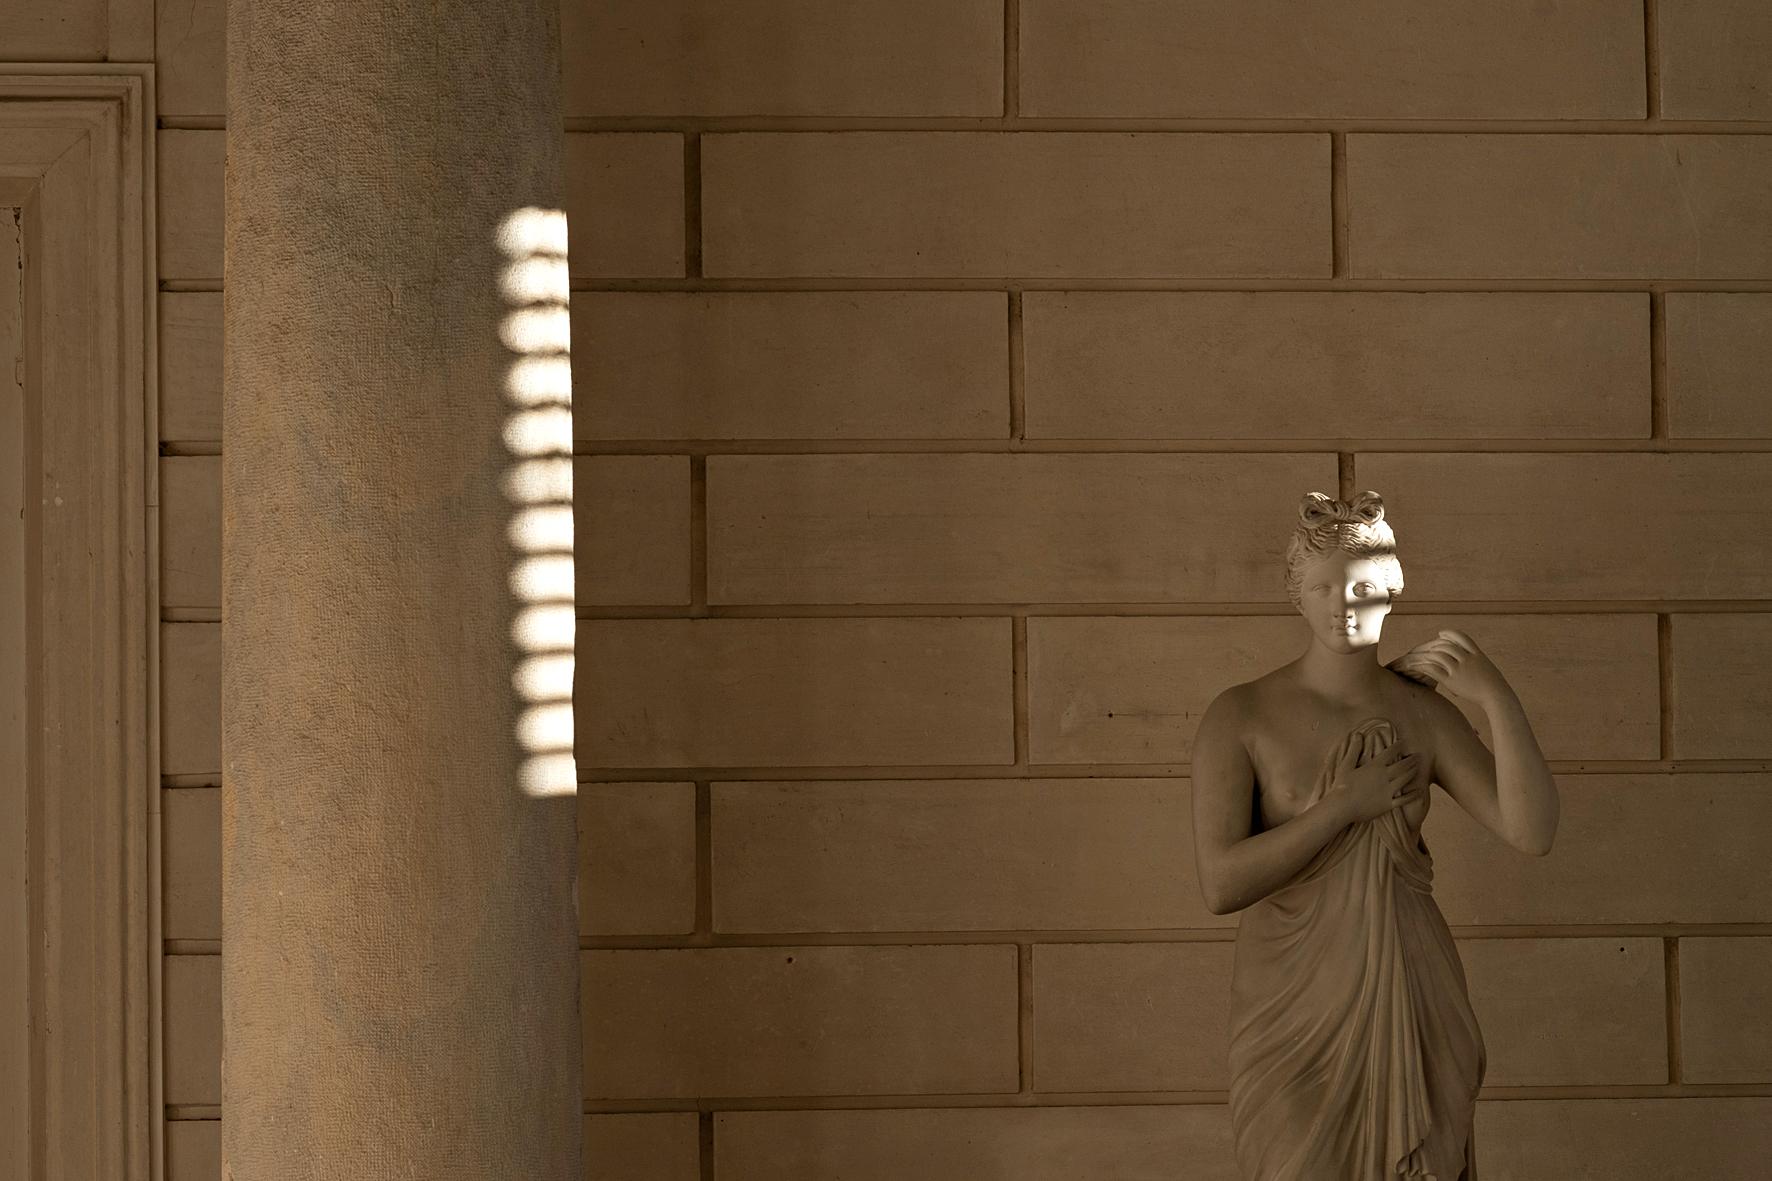 Une statue de pierre touchée par le soleil